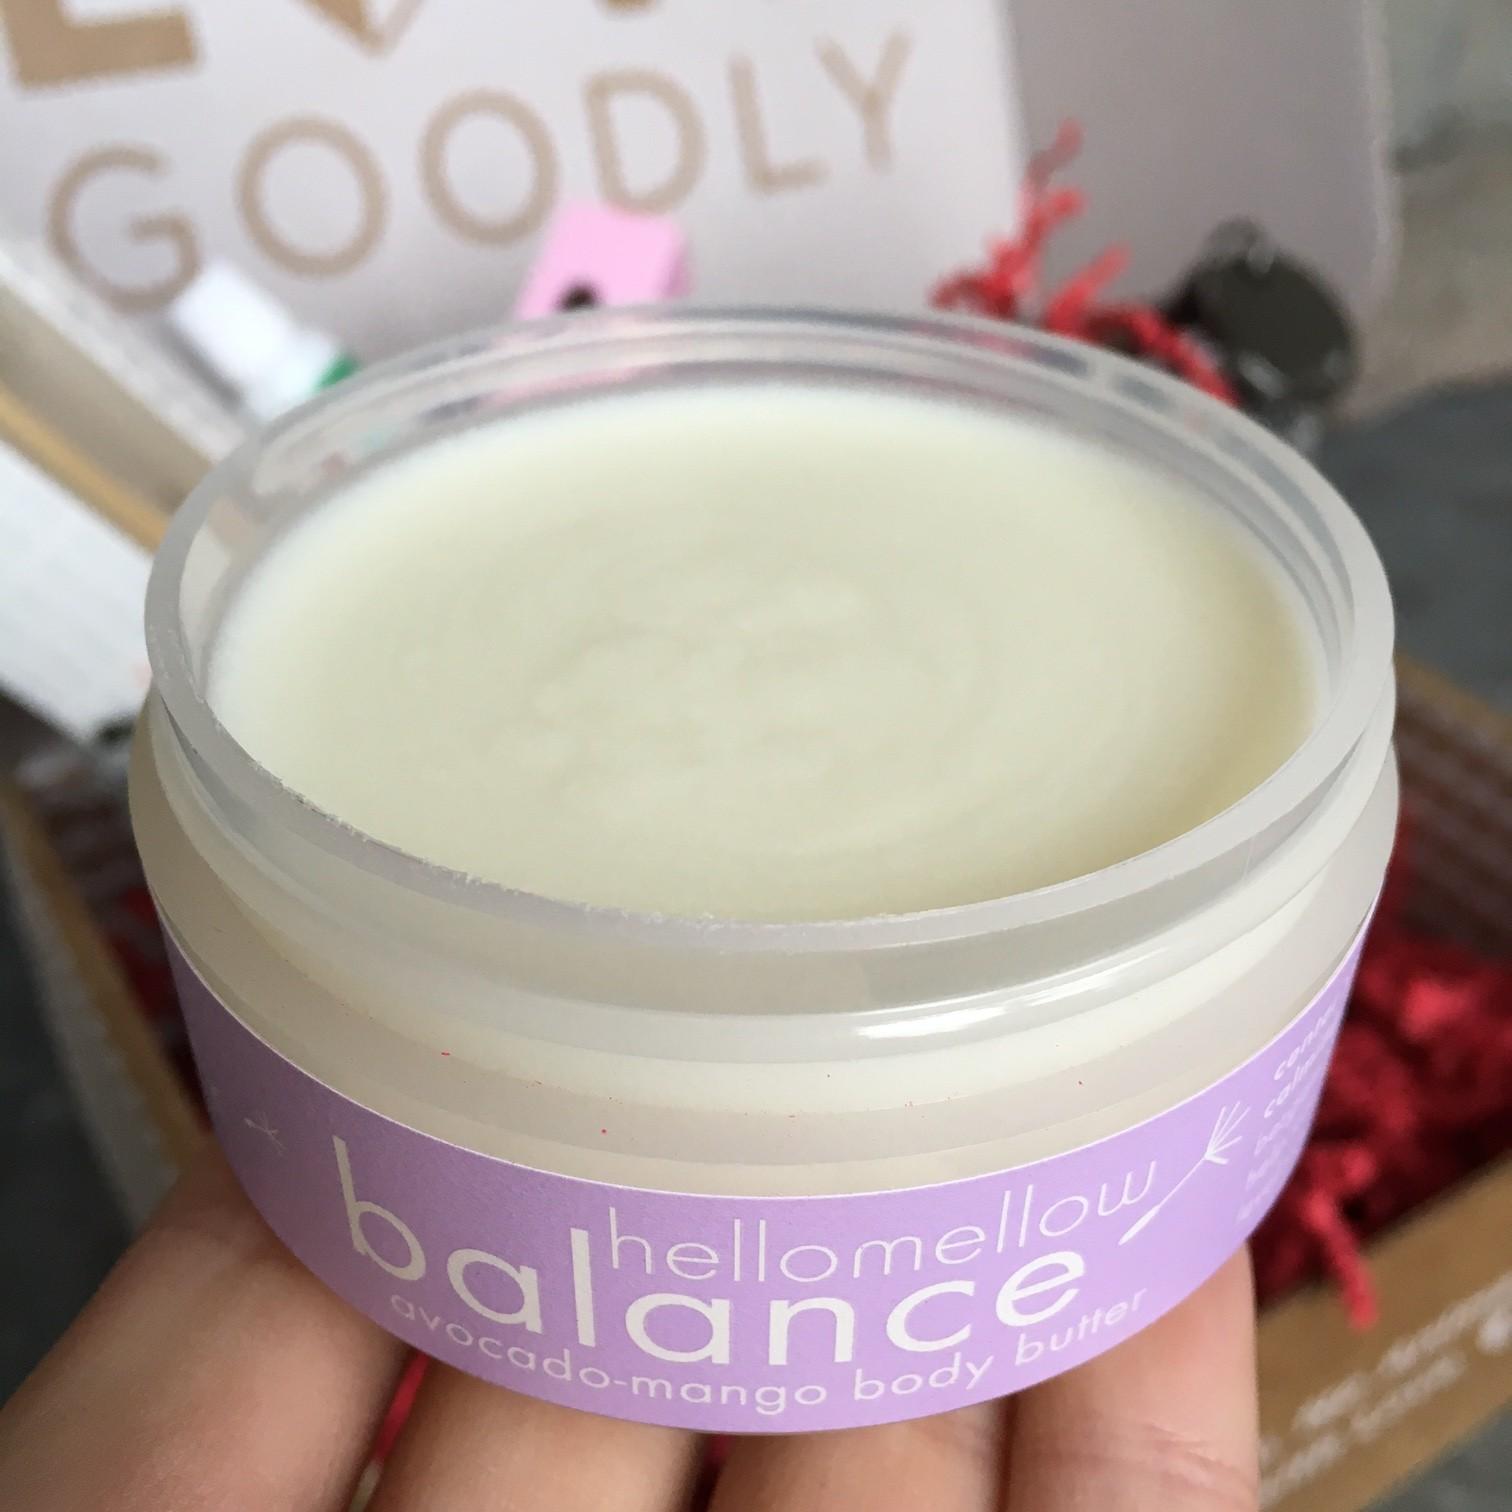 Hellomellow Balance Body Butter